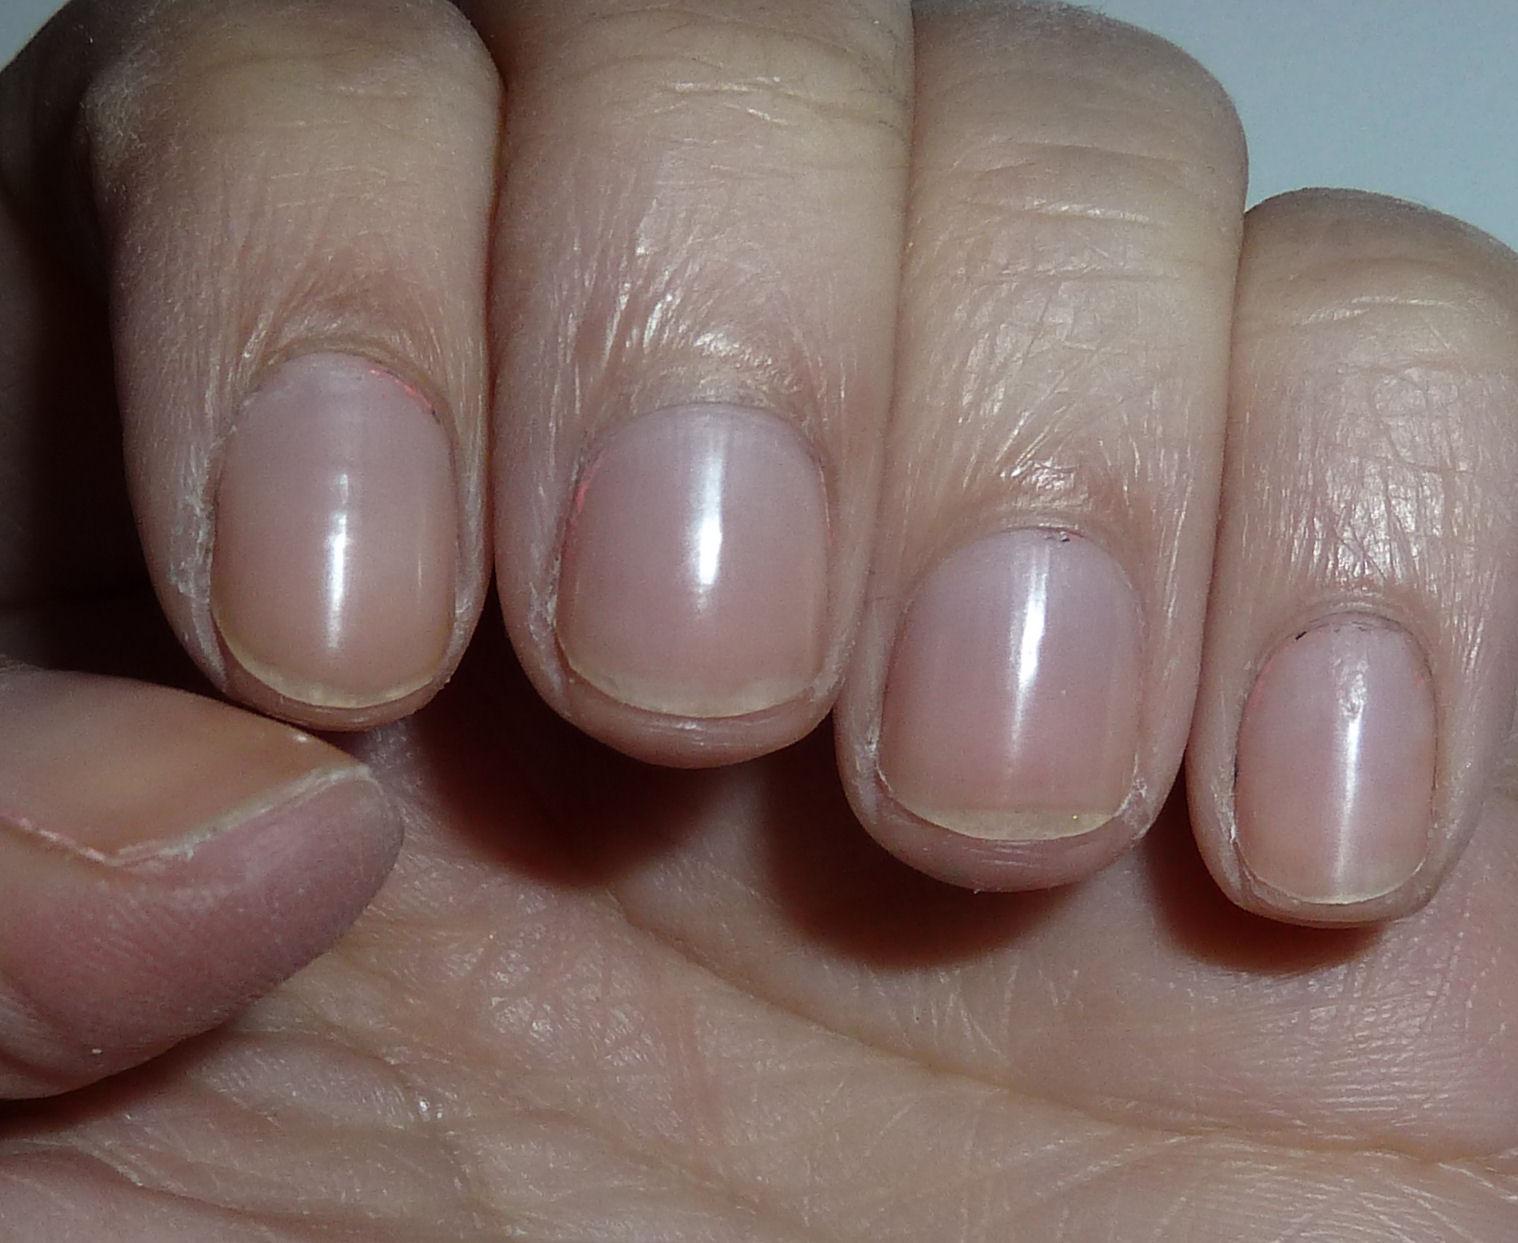 Short nails!